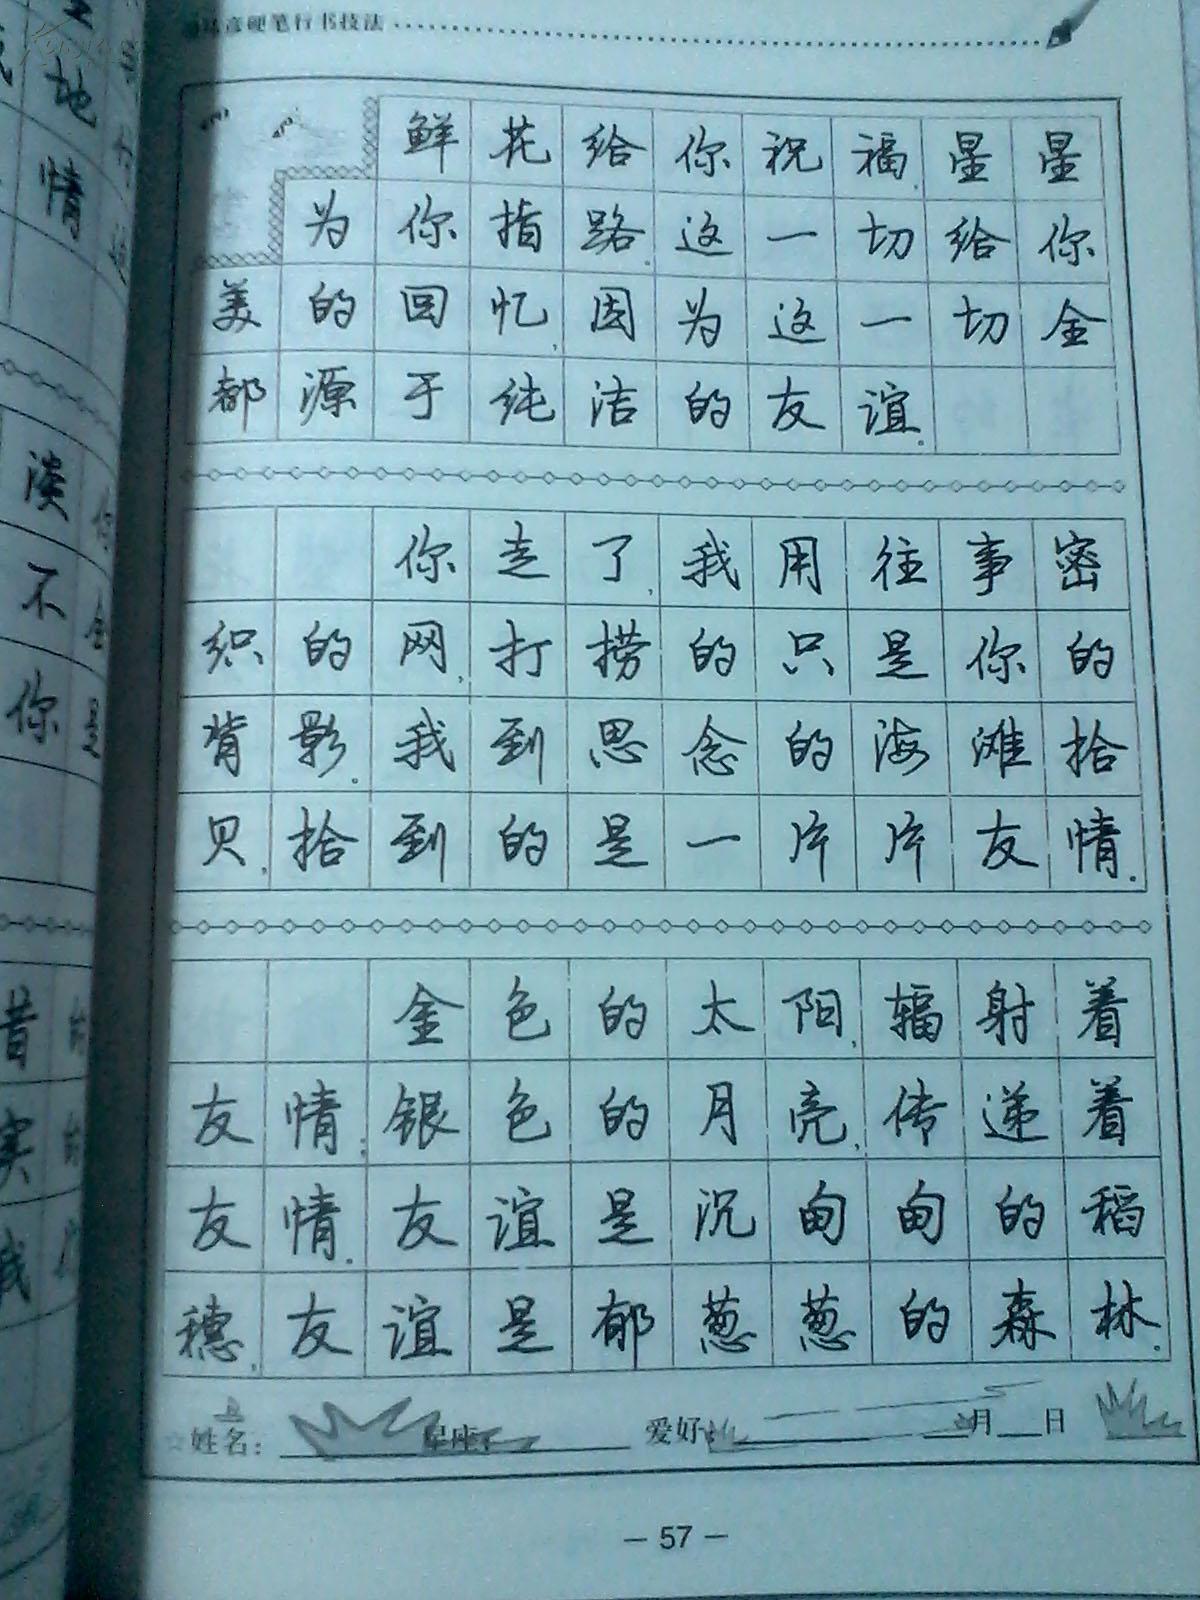 司马彦硬笔行书技法 钢笔行书入门 中国书法速成教材 128页【详看内图图片